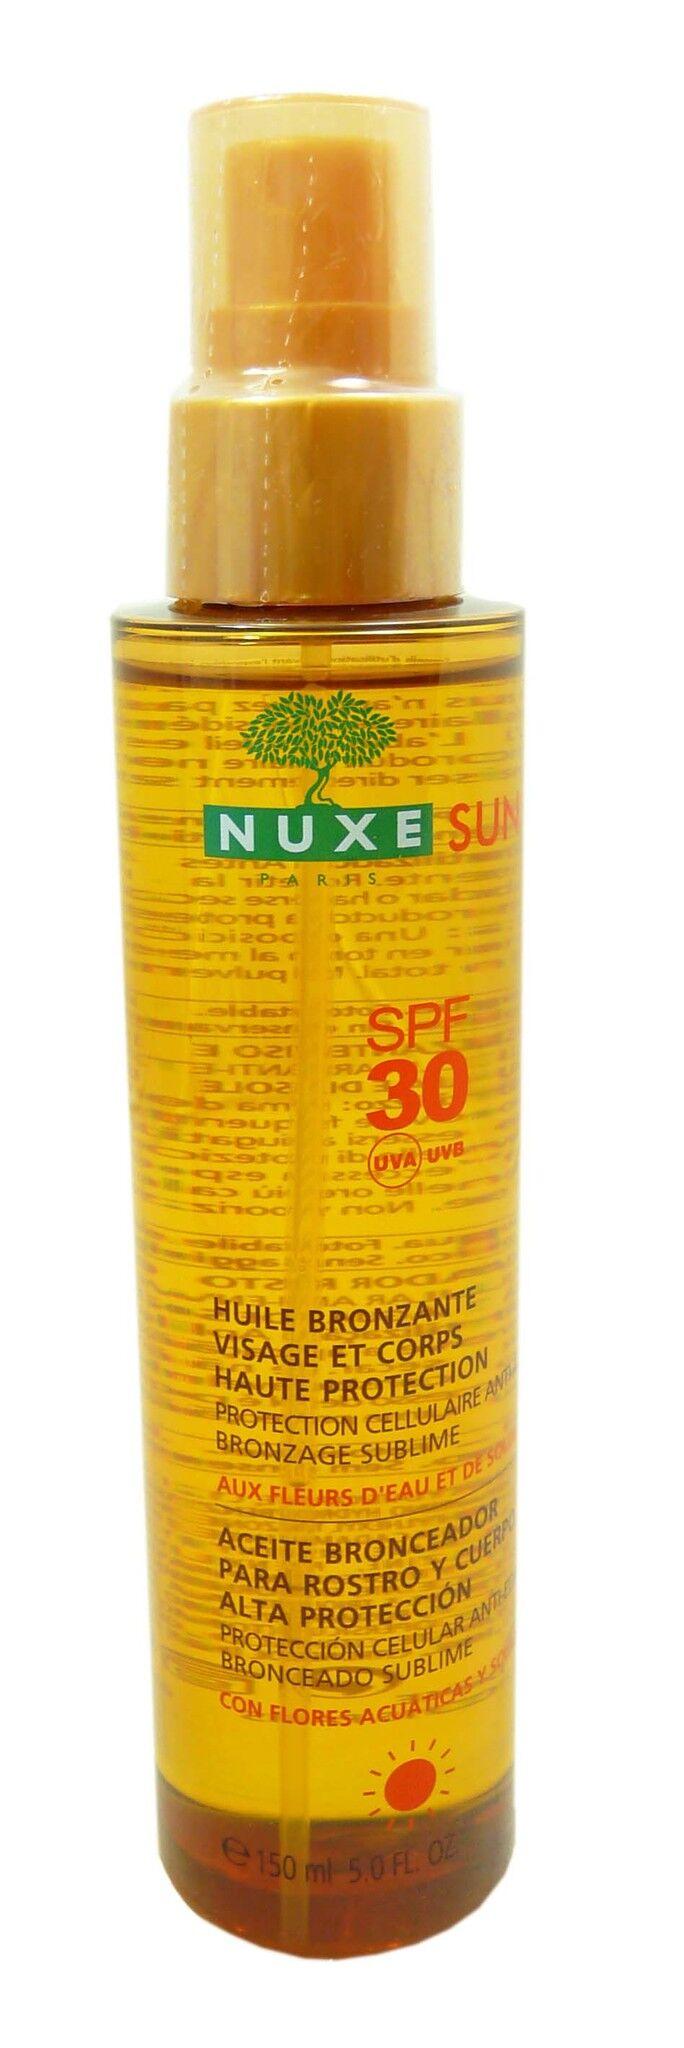 Nuxe sun spf30 huile brozante 150ml